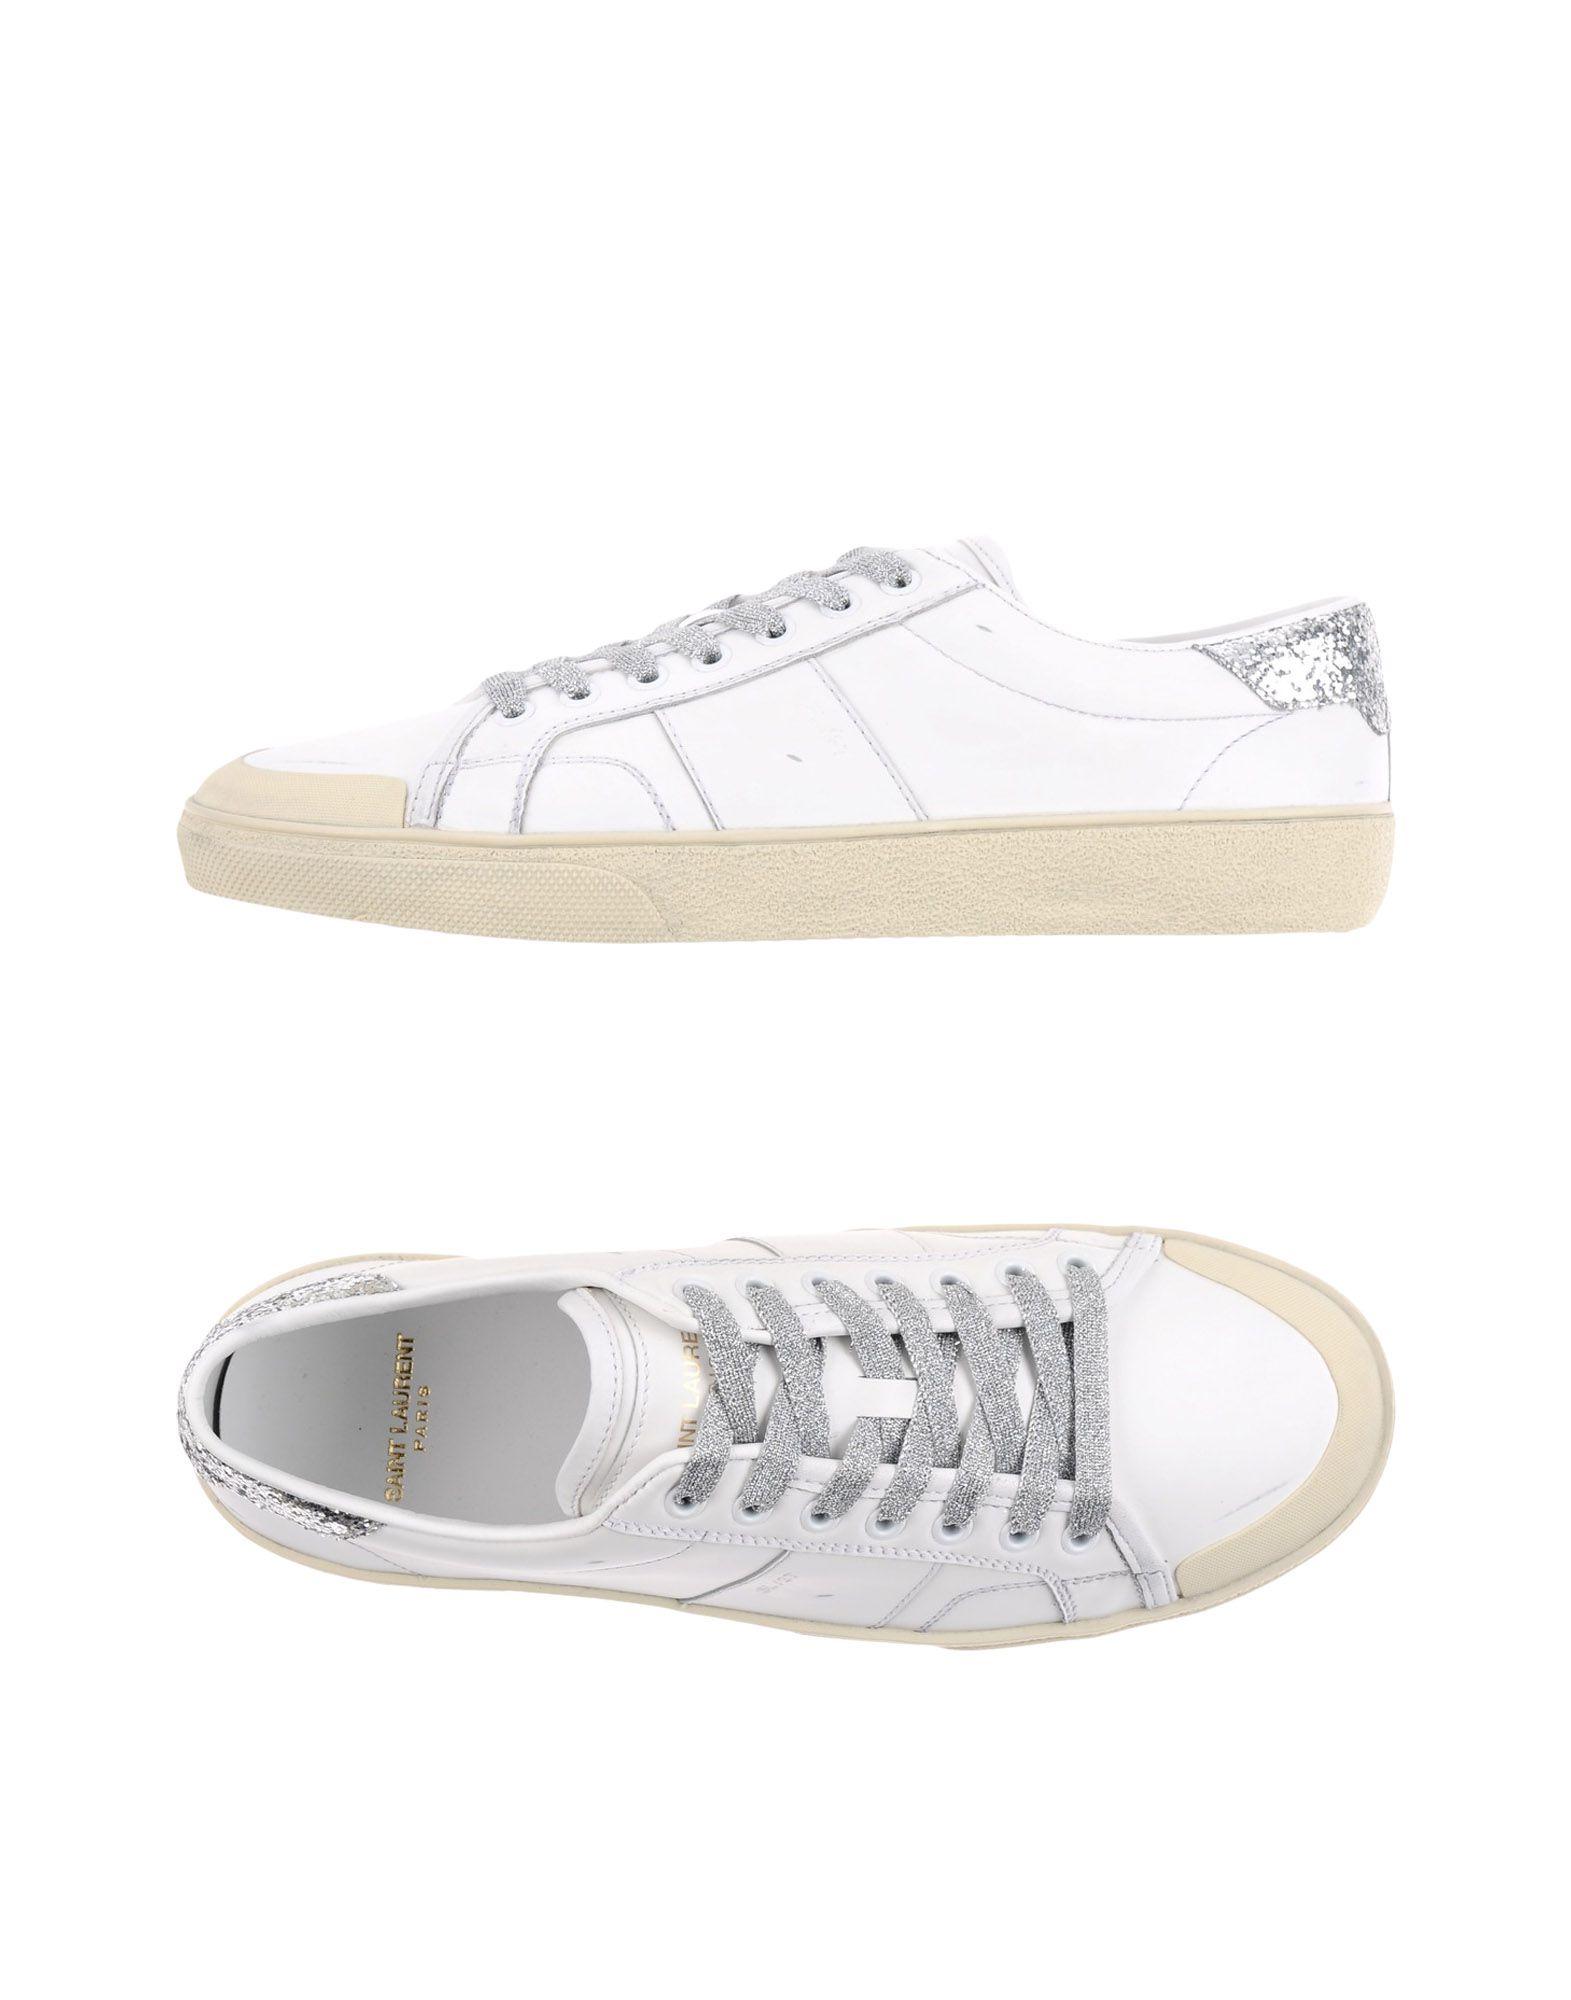 Saint Laurent Sneakers Herren  11343530UH Gute Qualität beliebte Schuhe